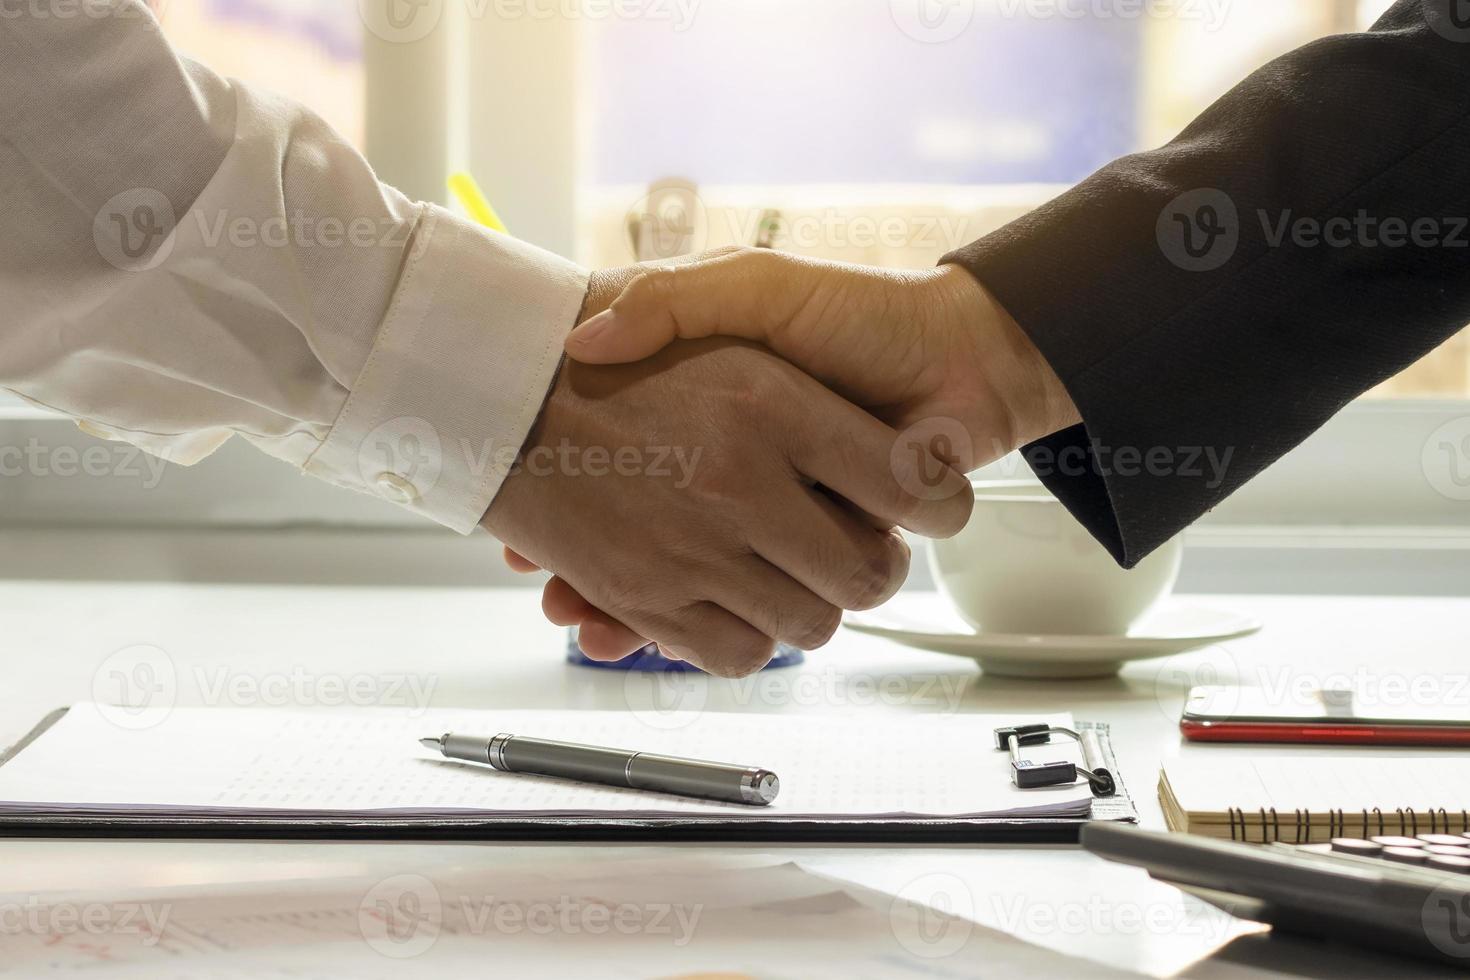 los empresarios terminaron la reunión y el feliz apretón de manos del empresario después de que se hizo el contrato para ser un socio de trabajo en equipo. foto